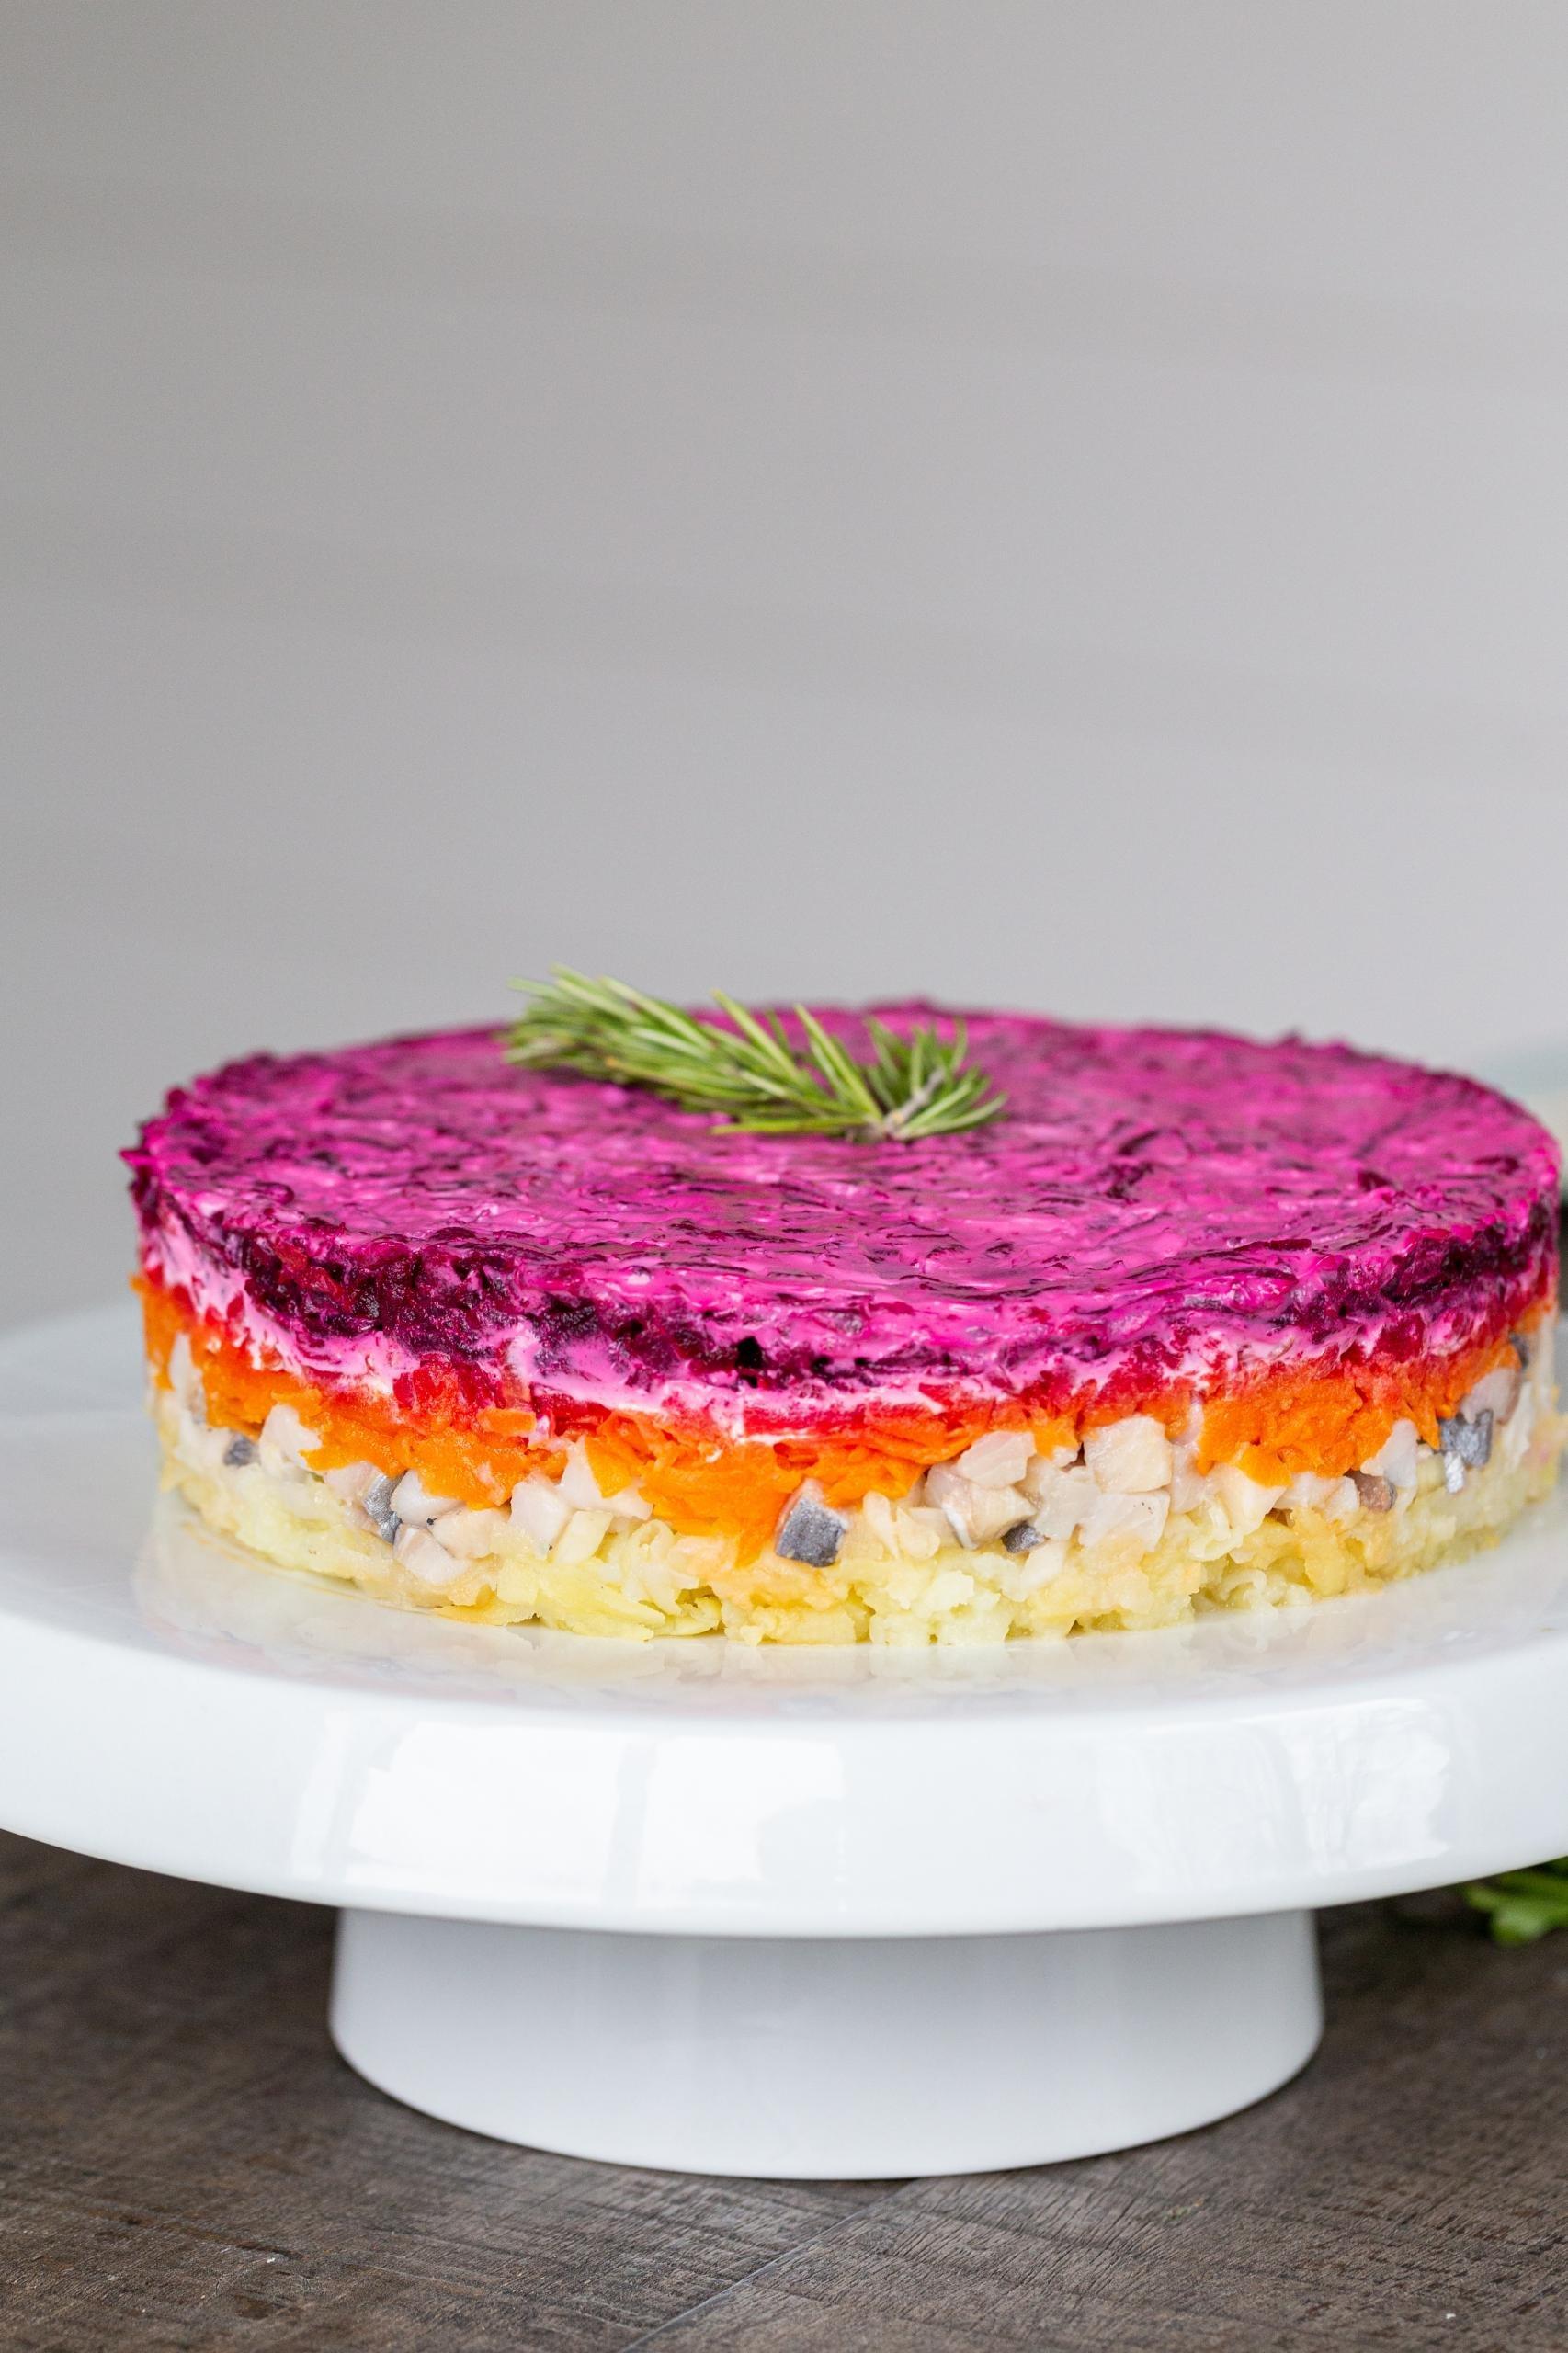 Shuba salad on the plate